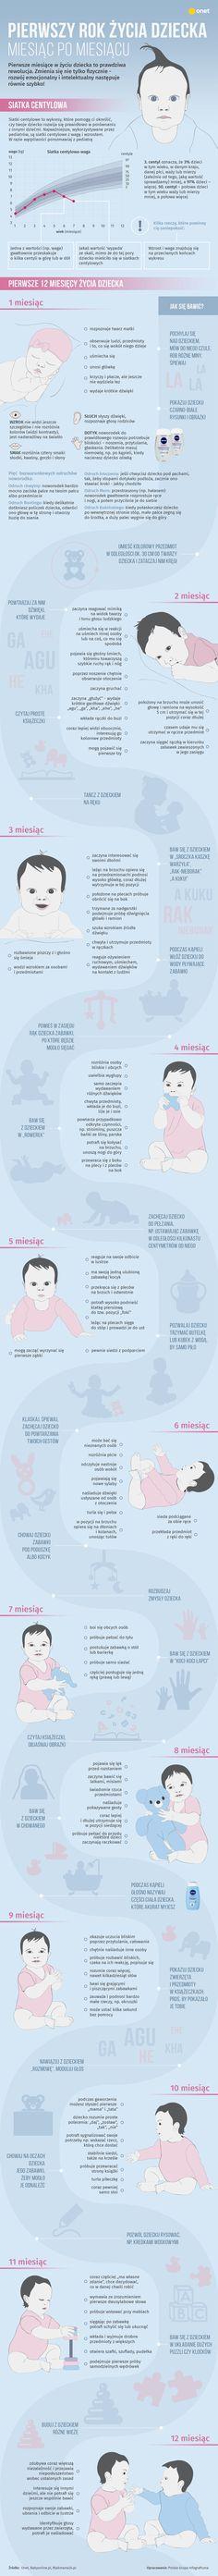 Pierwszy rok życia dziecka miesiąc po miesiącu [INFOGRAFIKA] - Dziecko